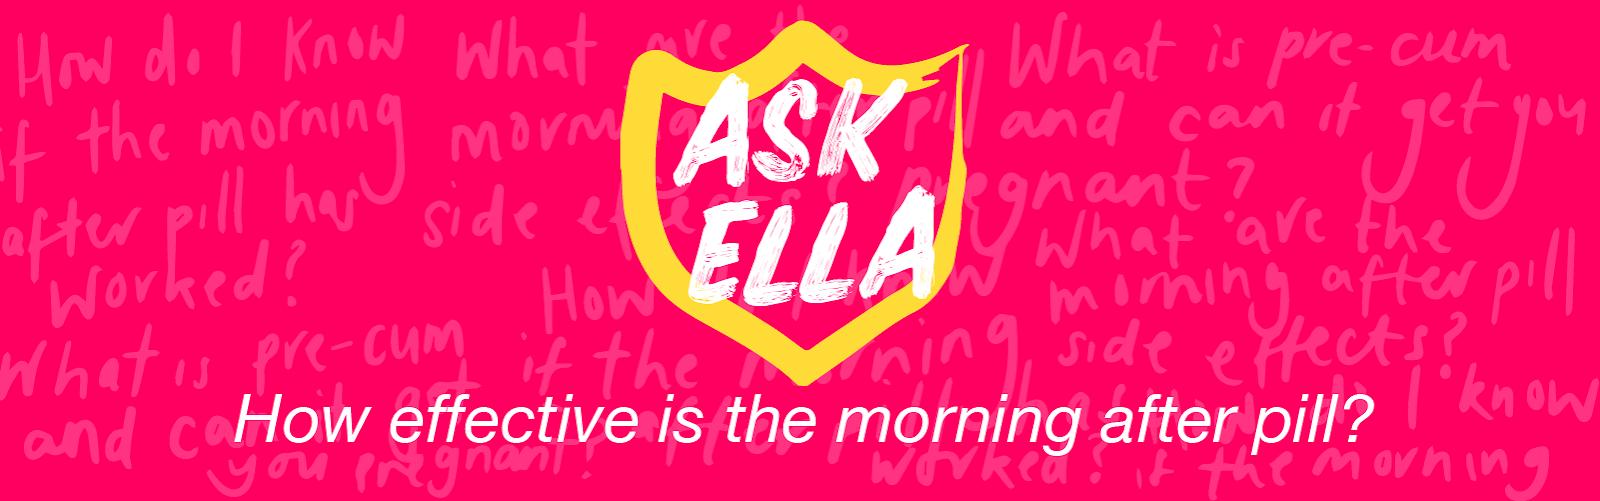 AskElla_effective thumbnail.png